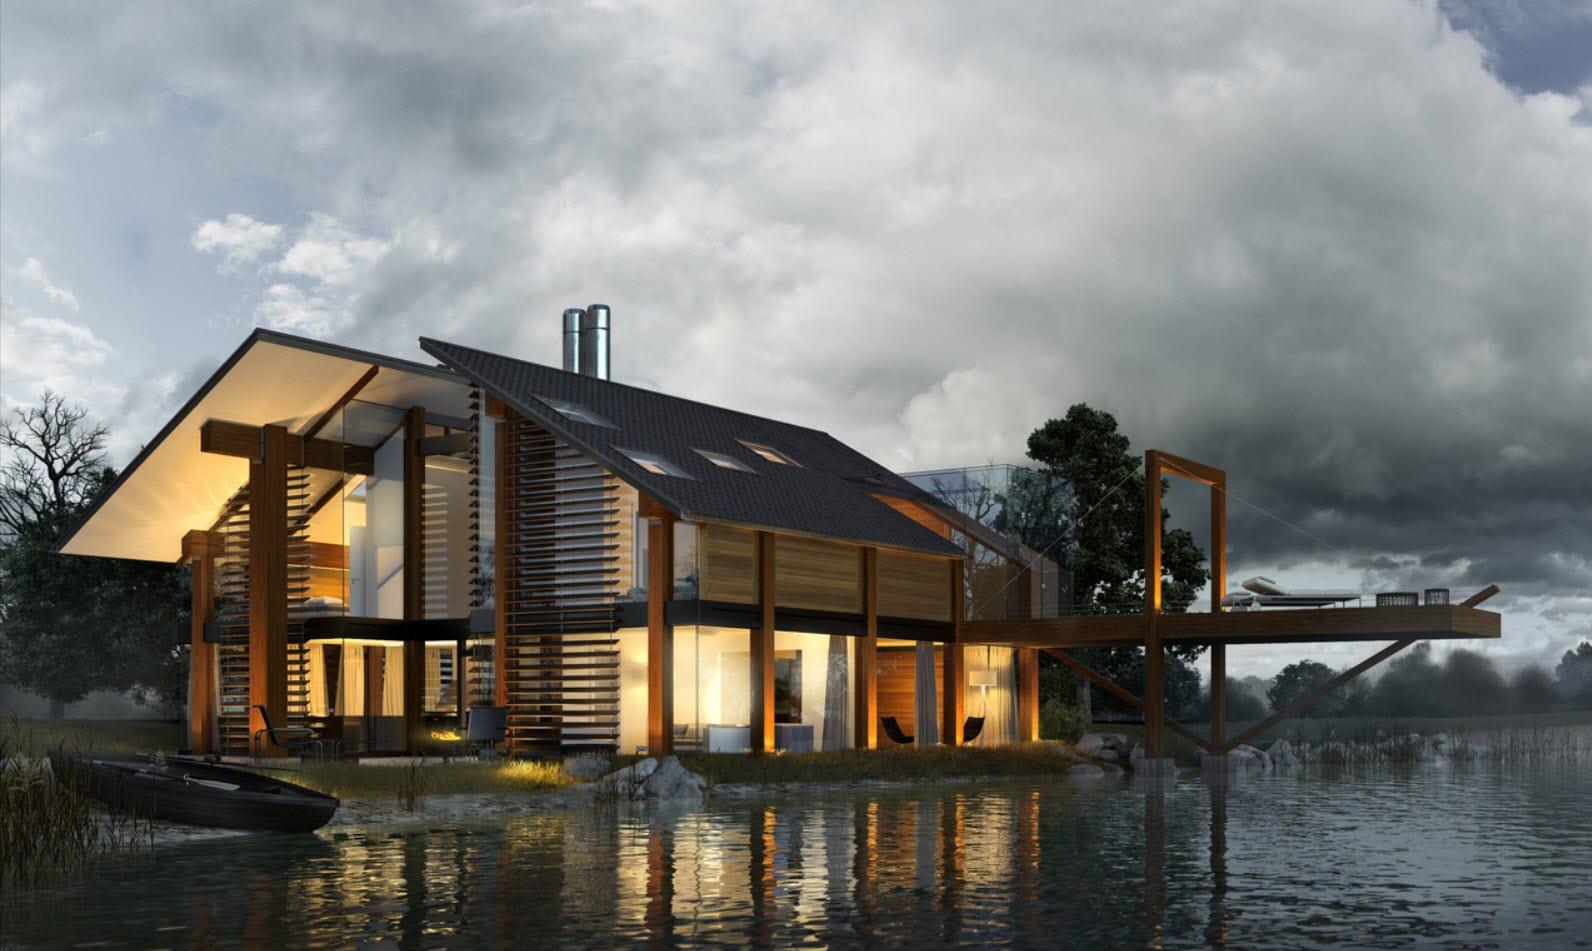 Dise o de casa de madera moderna hermosa fachada construye hogar - Diseno casa de madera ...